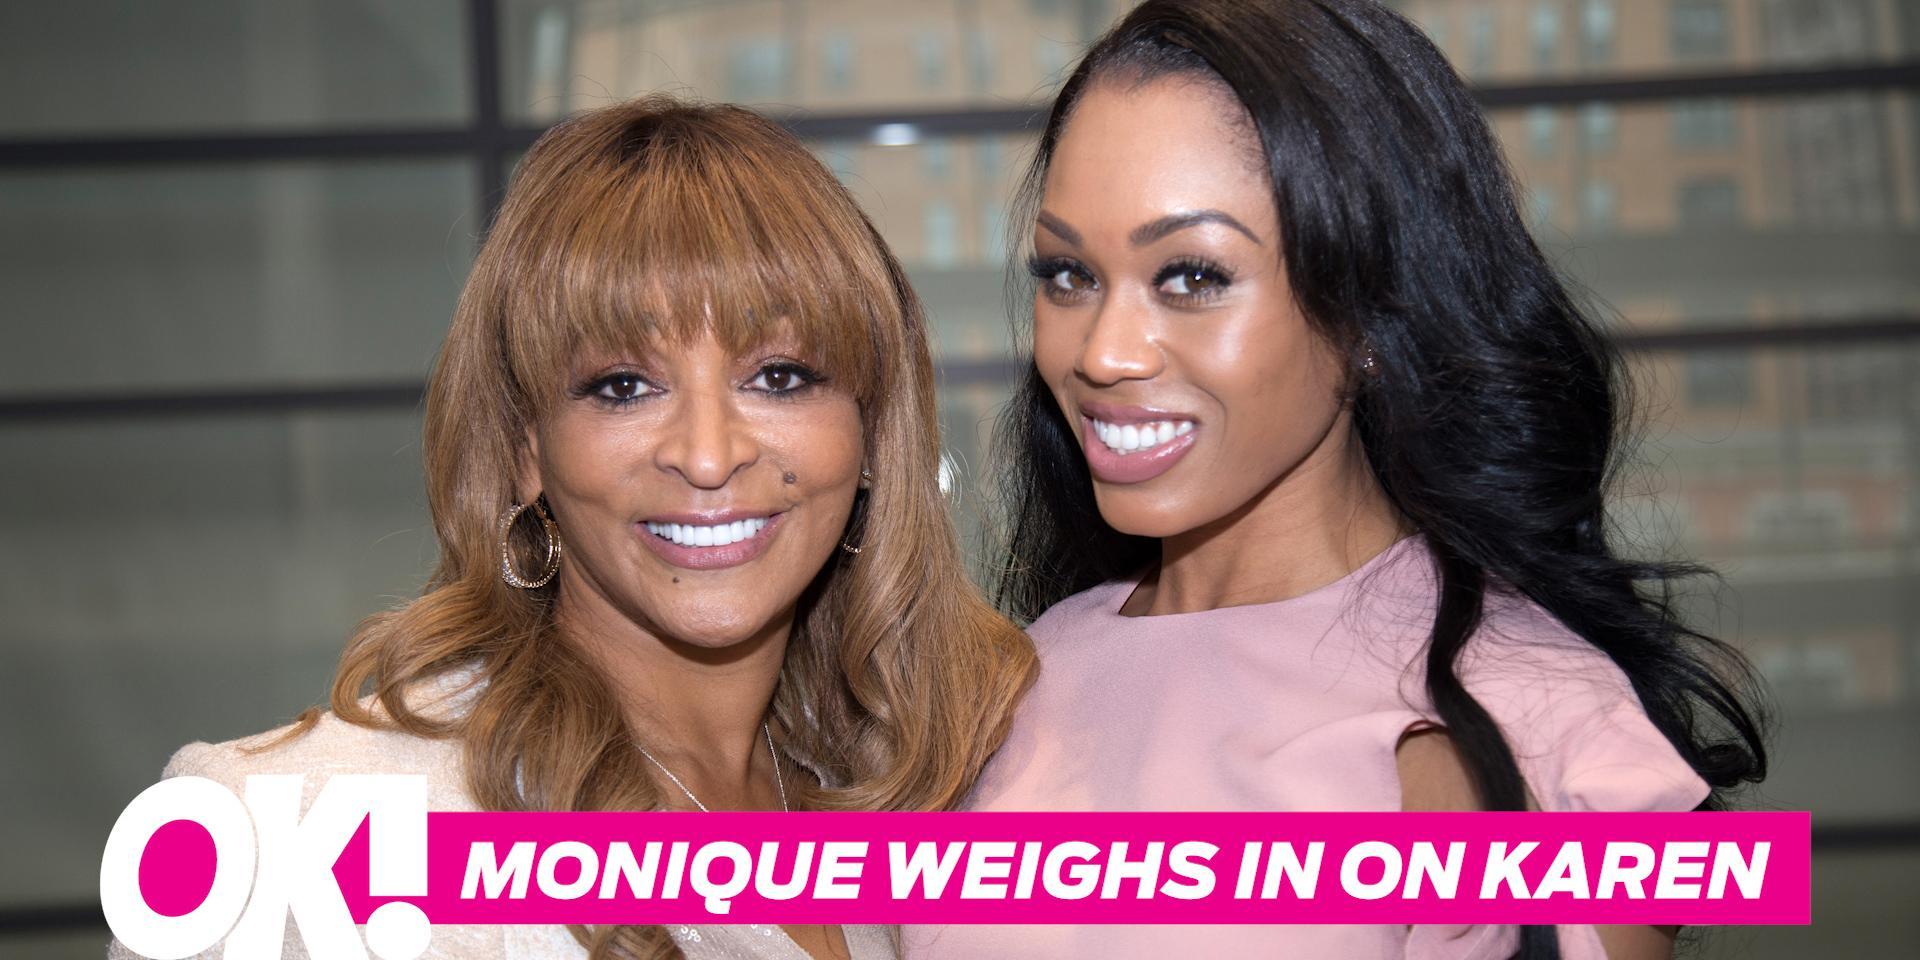 Monique samuels defends karen huger reveals rhop season 3 spoilers hero